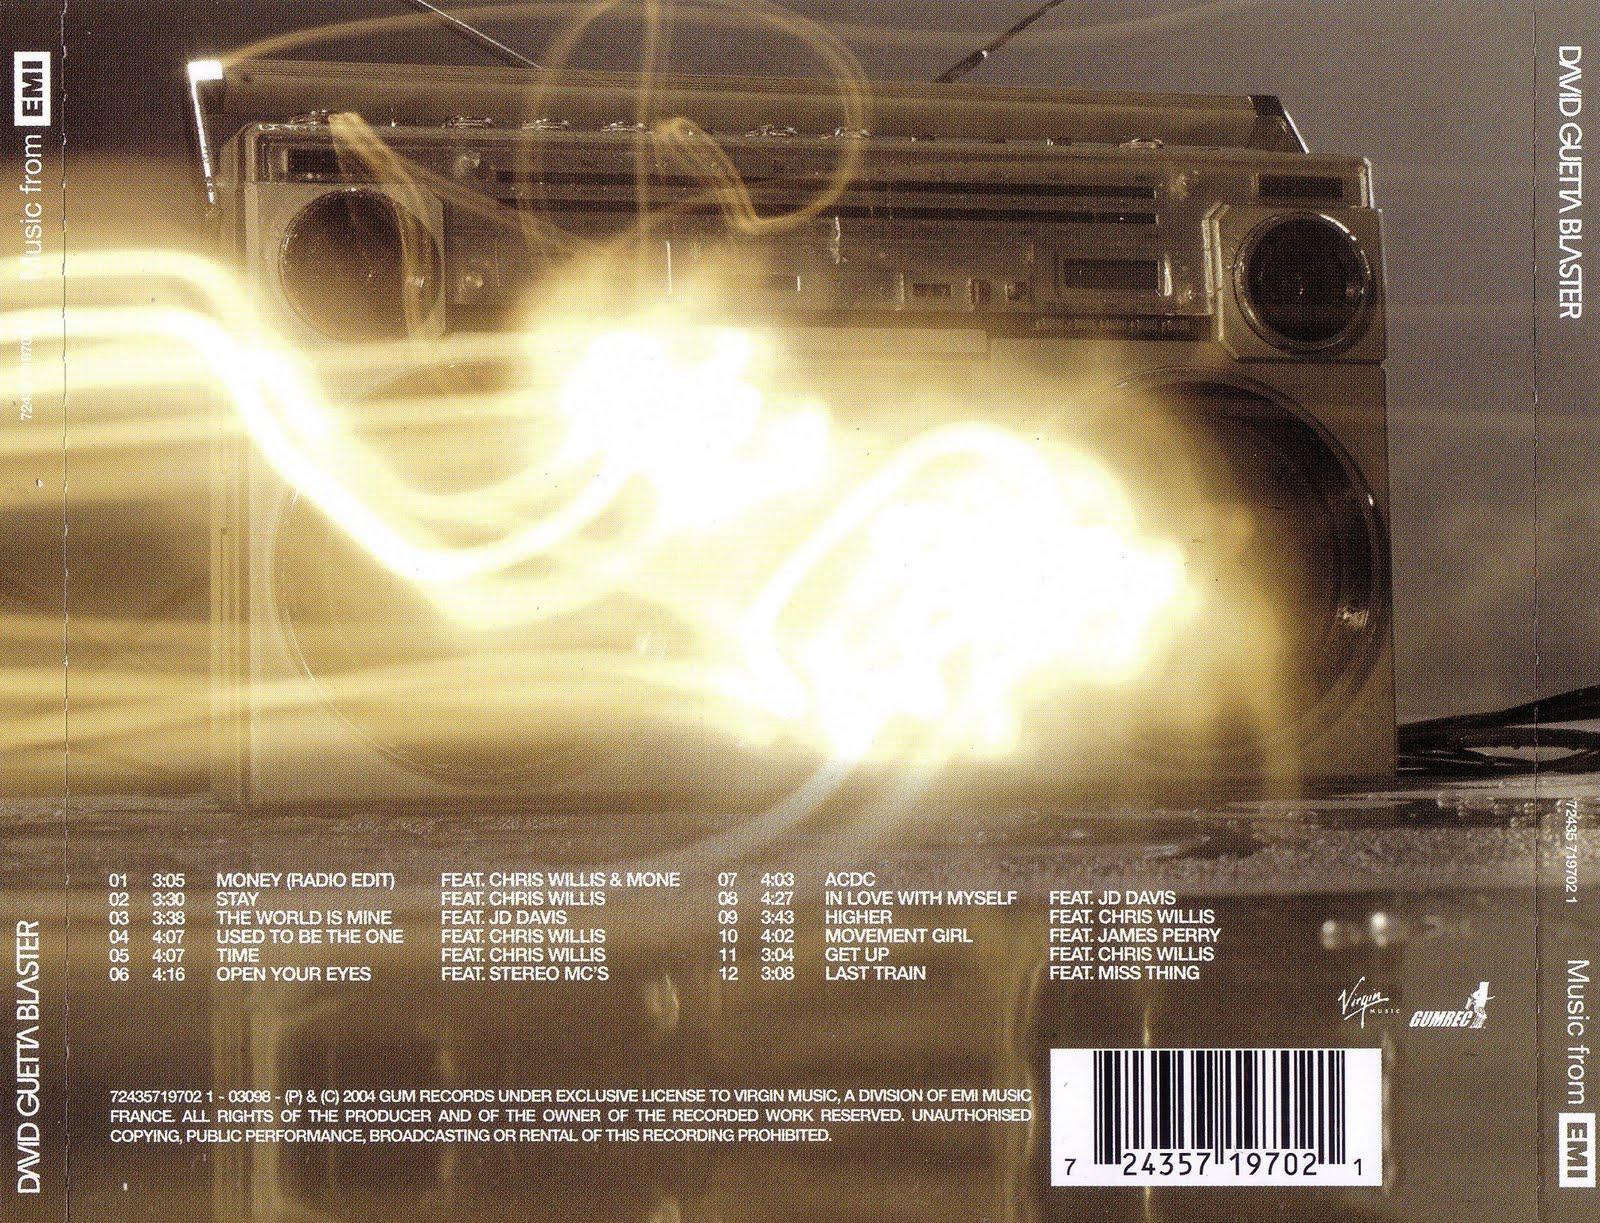 http://2.bp.blogspot.com/-2BZOwTRbQAs/TeQE-gH0WHI/AAAAAAAACNo/Otl0-UAnTz0/s1600/David+Guetta+-+Blaster+-+Back.jpg